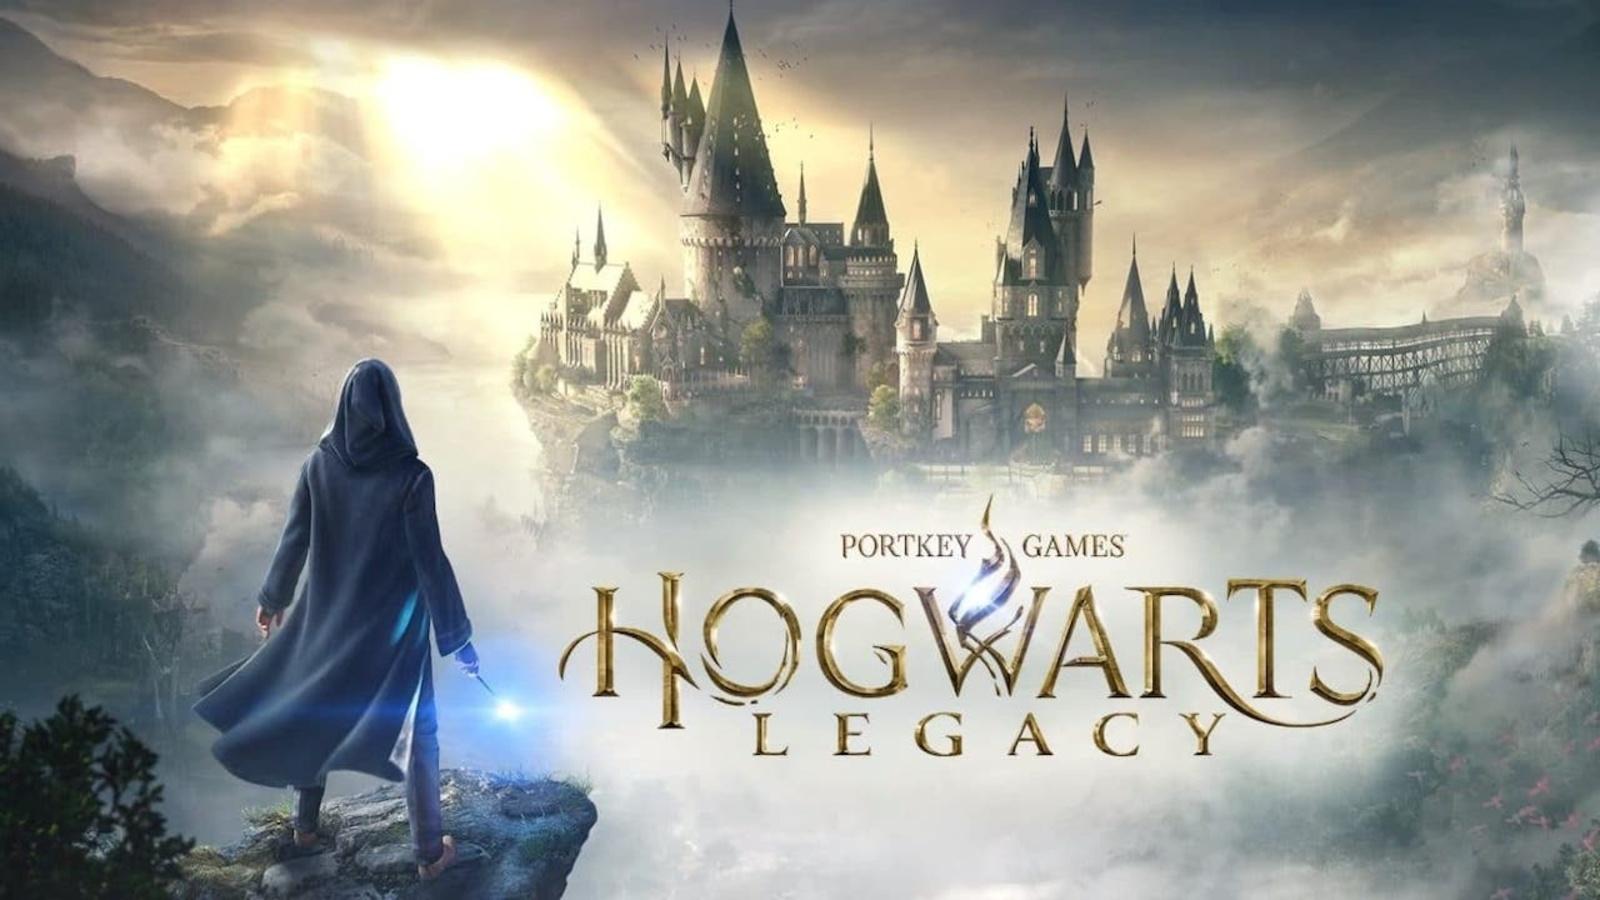 Harry Potter Hogwarts Legacy game